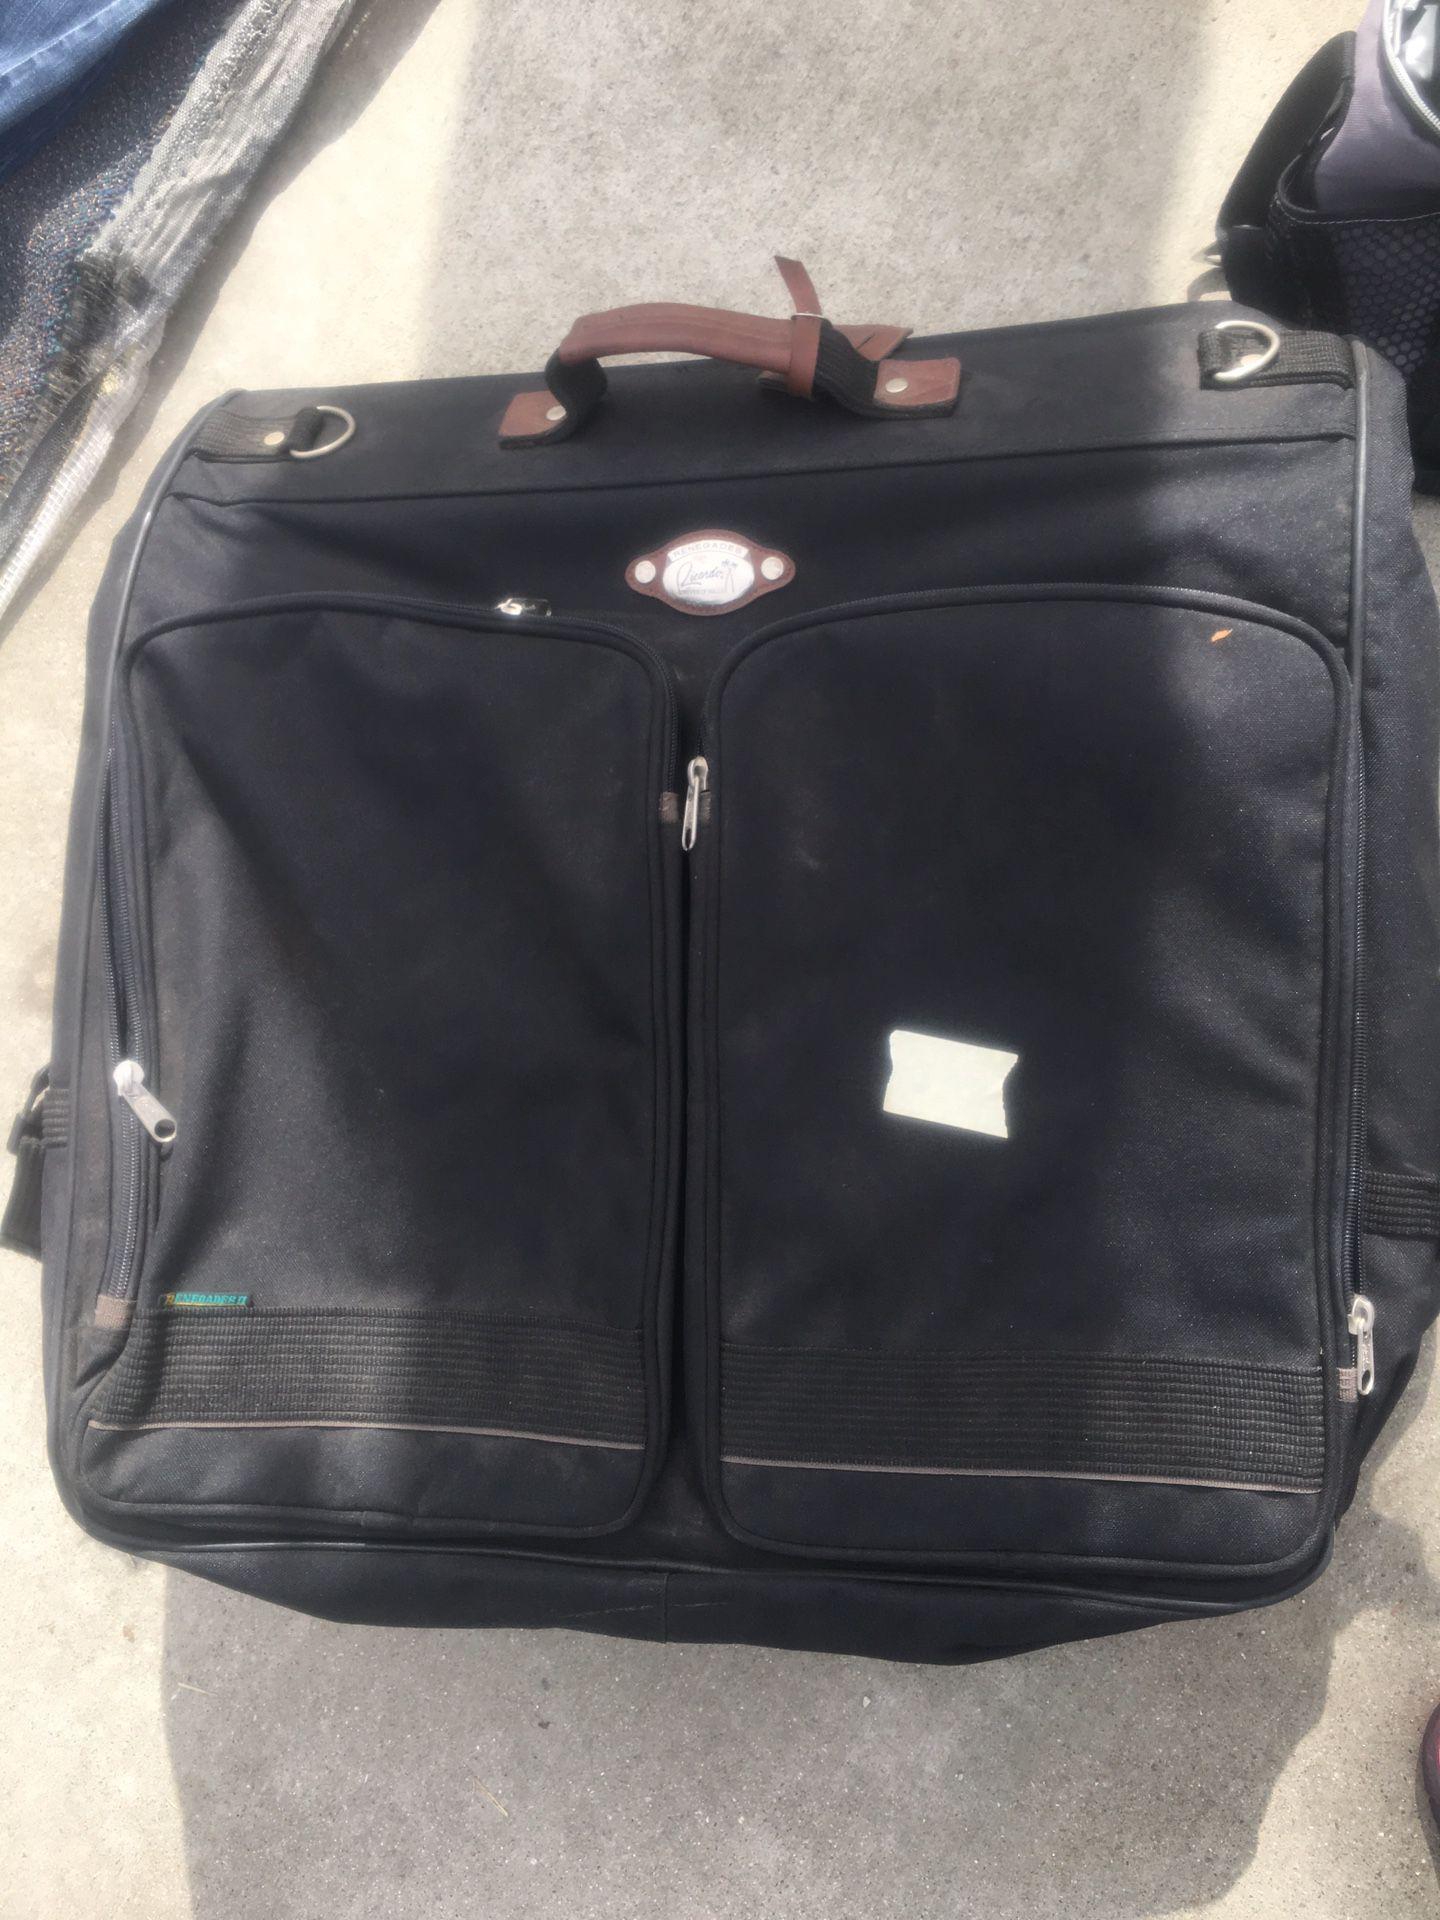 Suit travel carrier